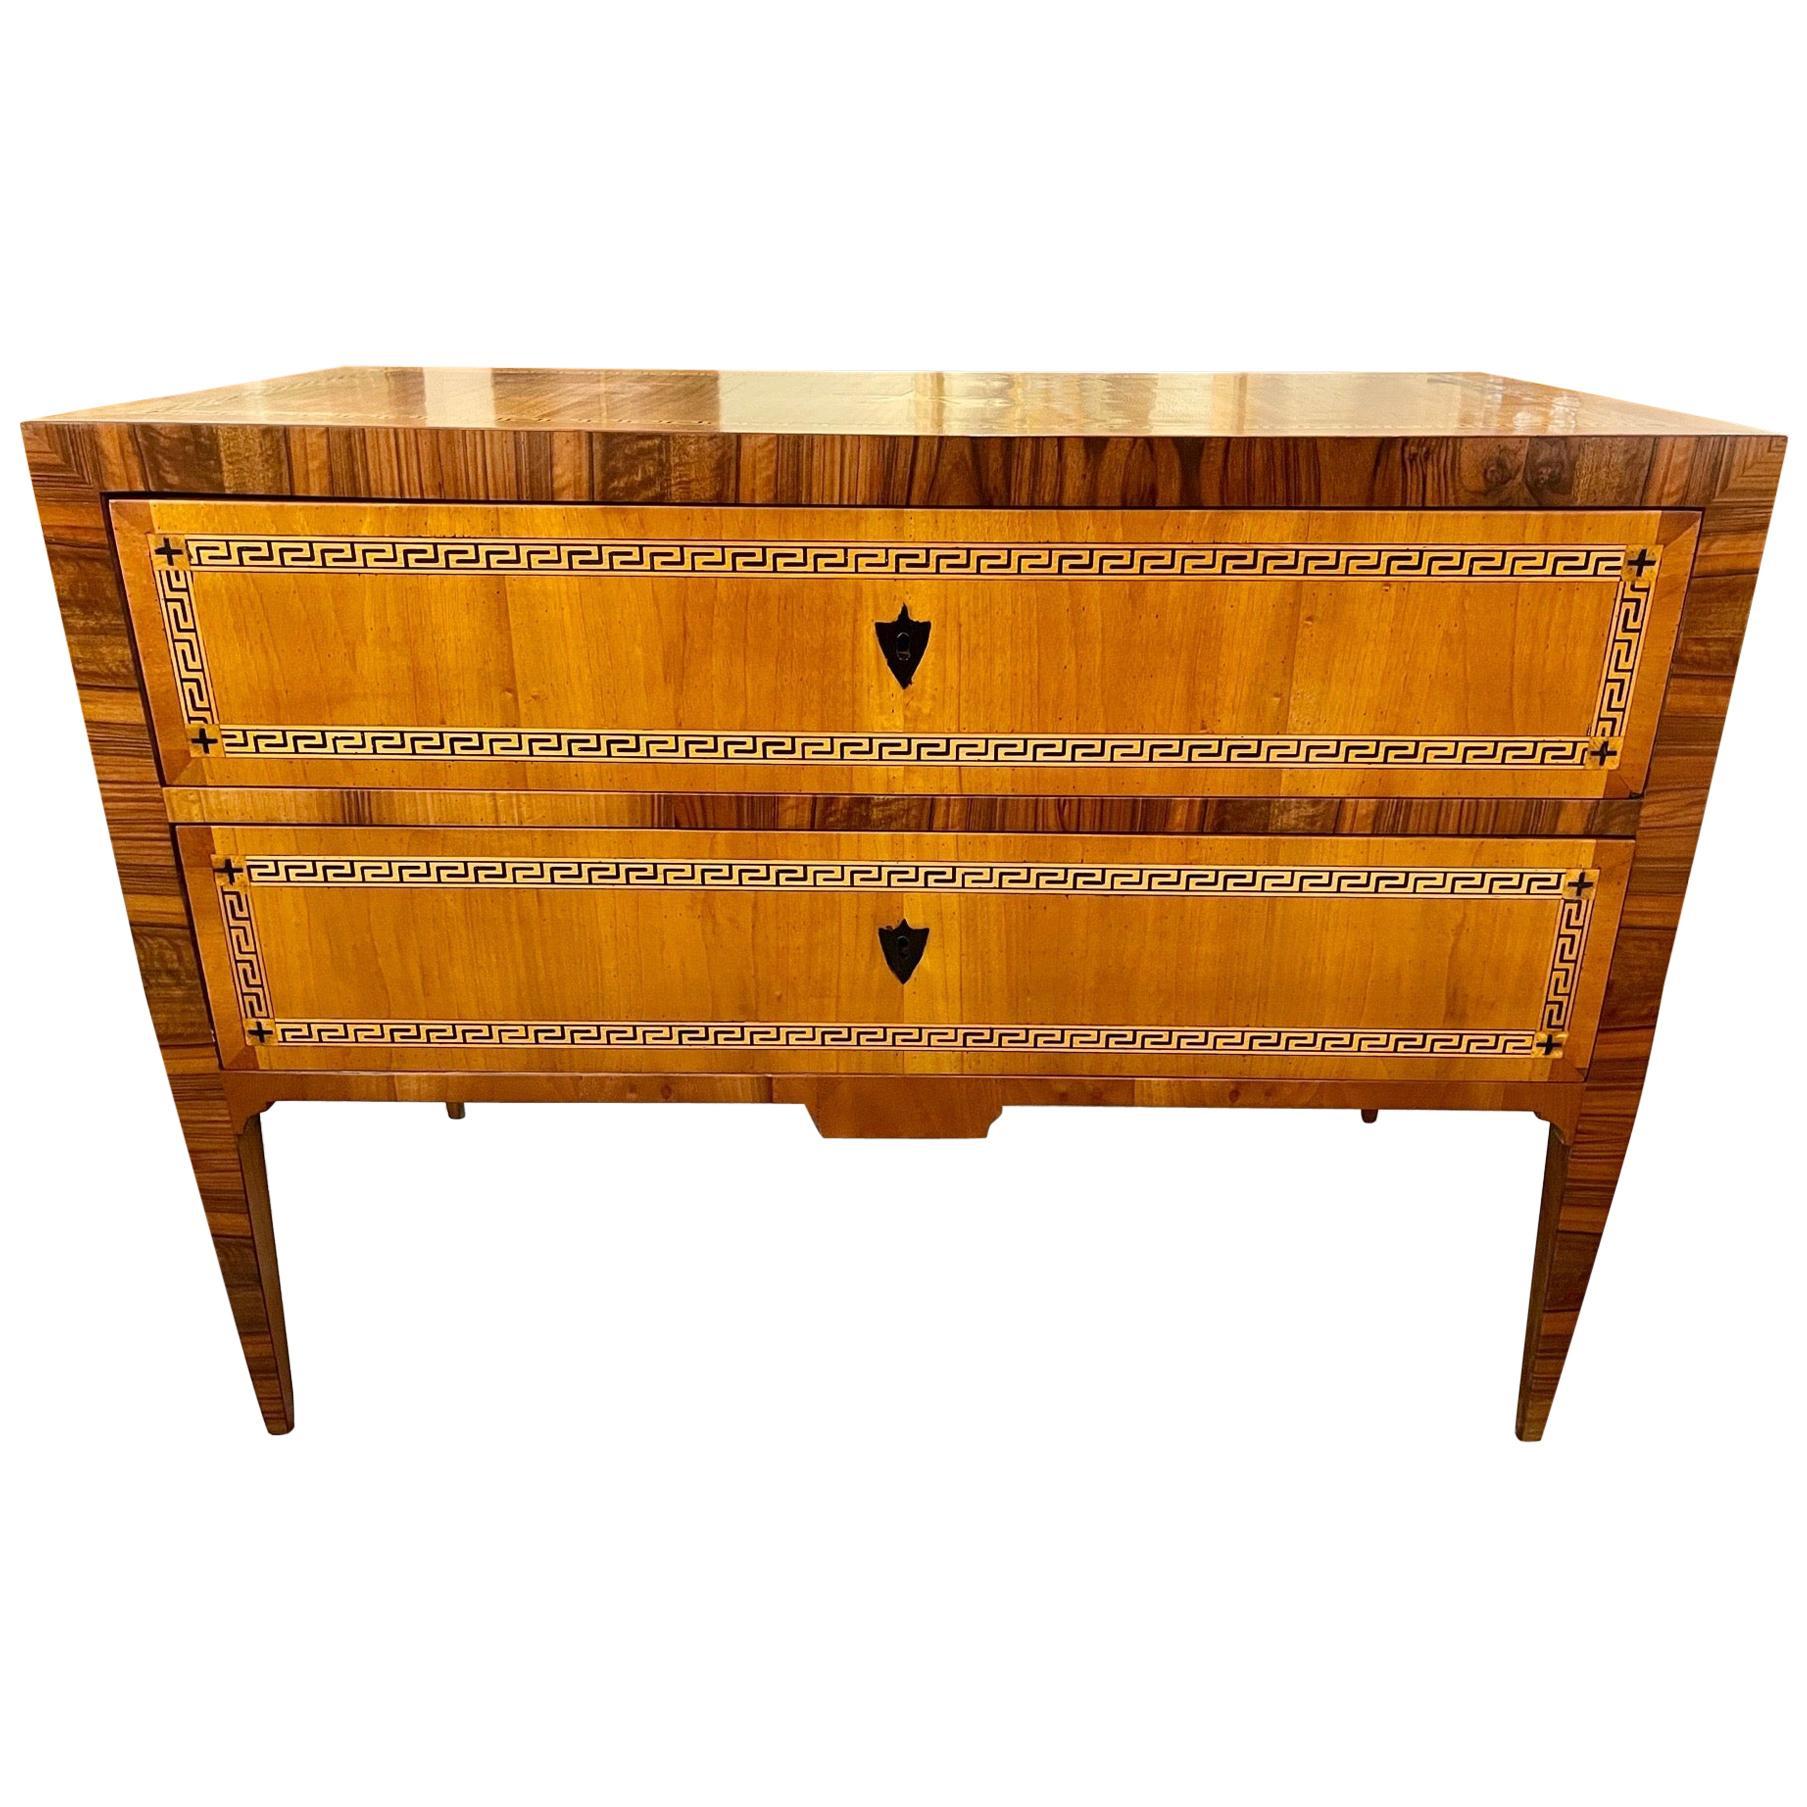 Italian Walnut and Zebra Wood Commodes with Greek Key Design